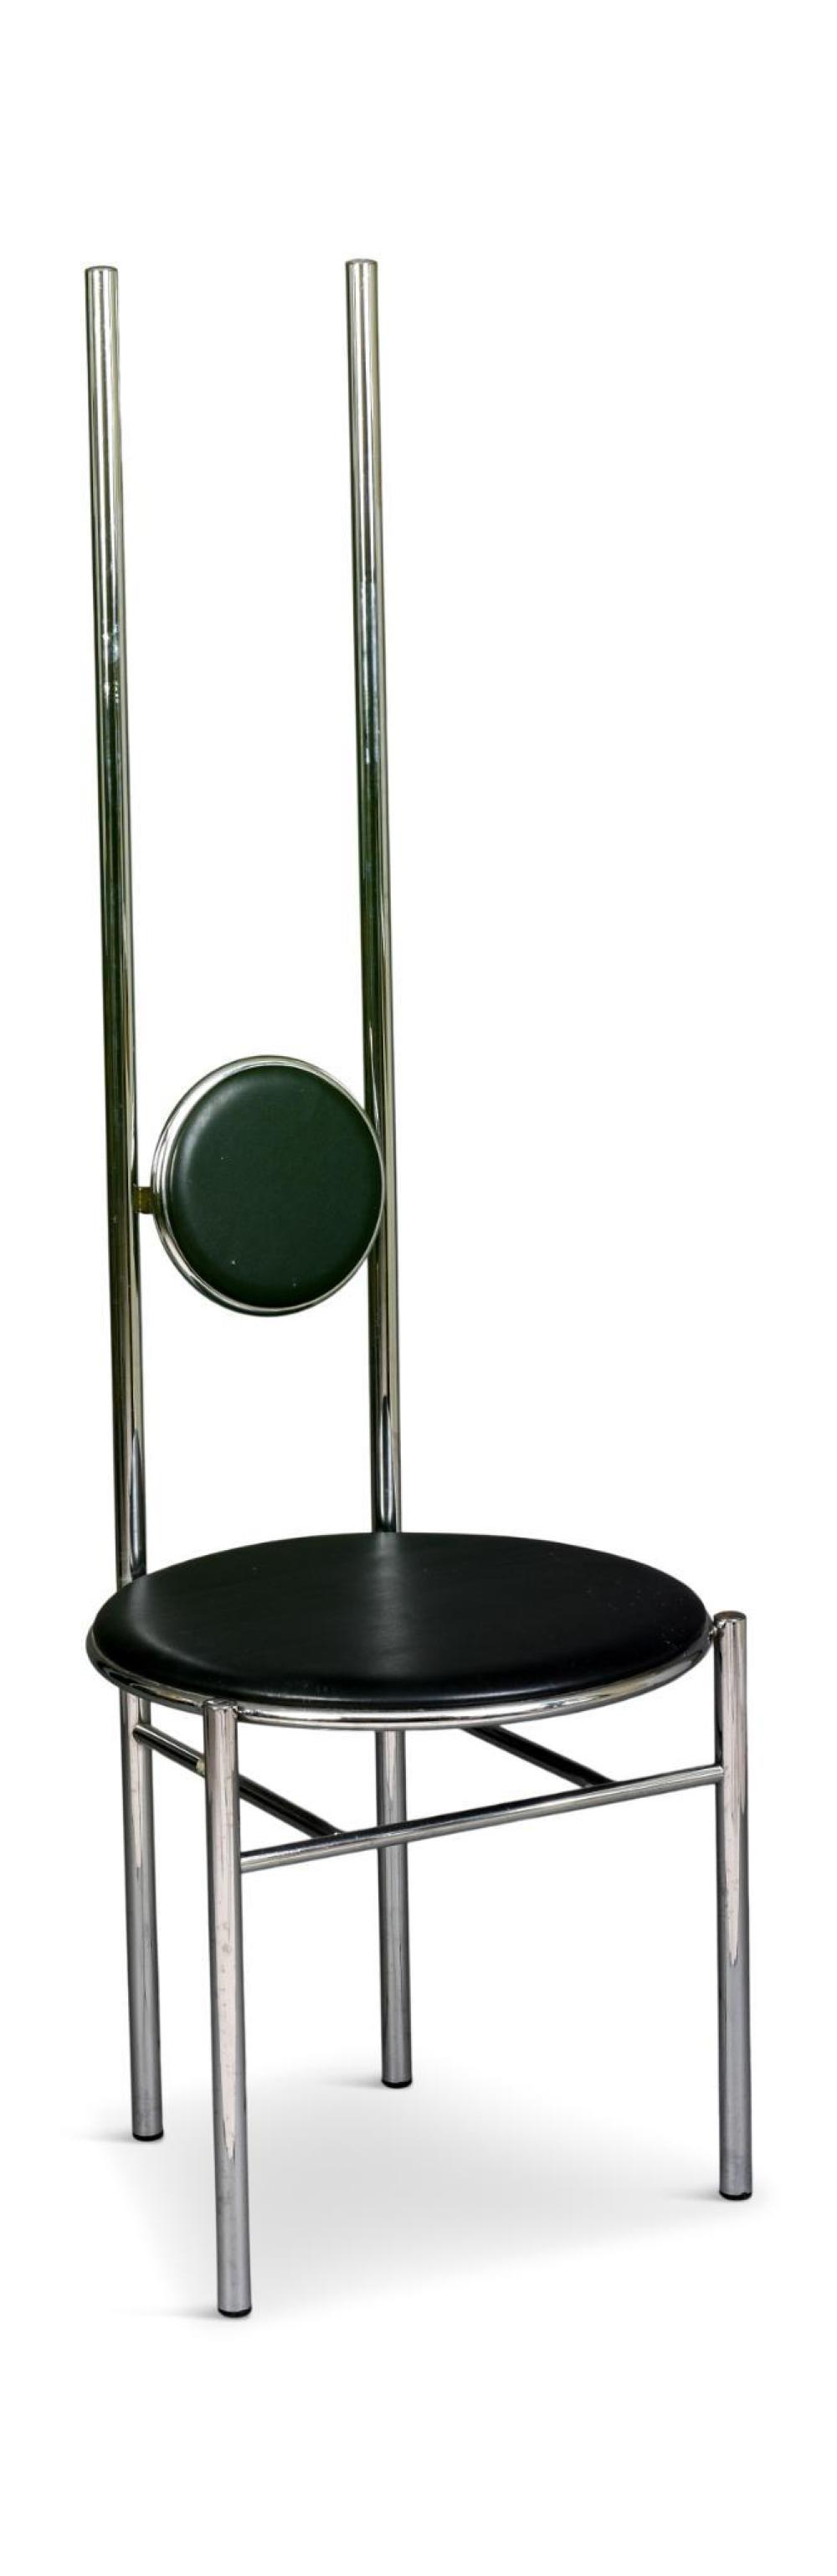 Tall Modern Chrome Side Chair.